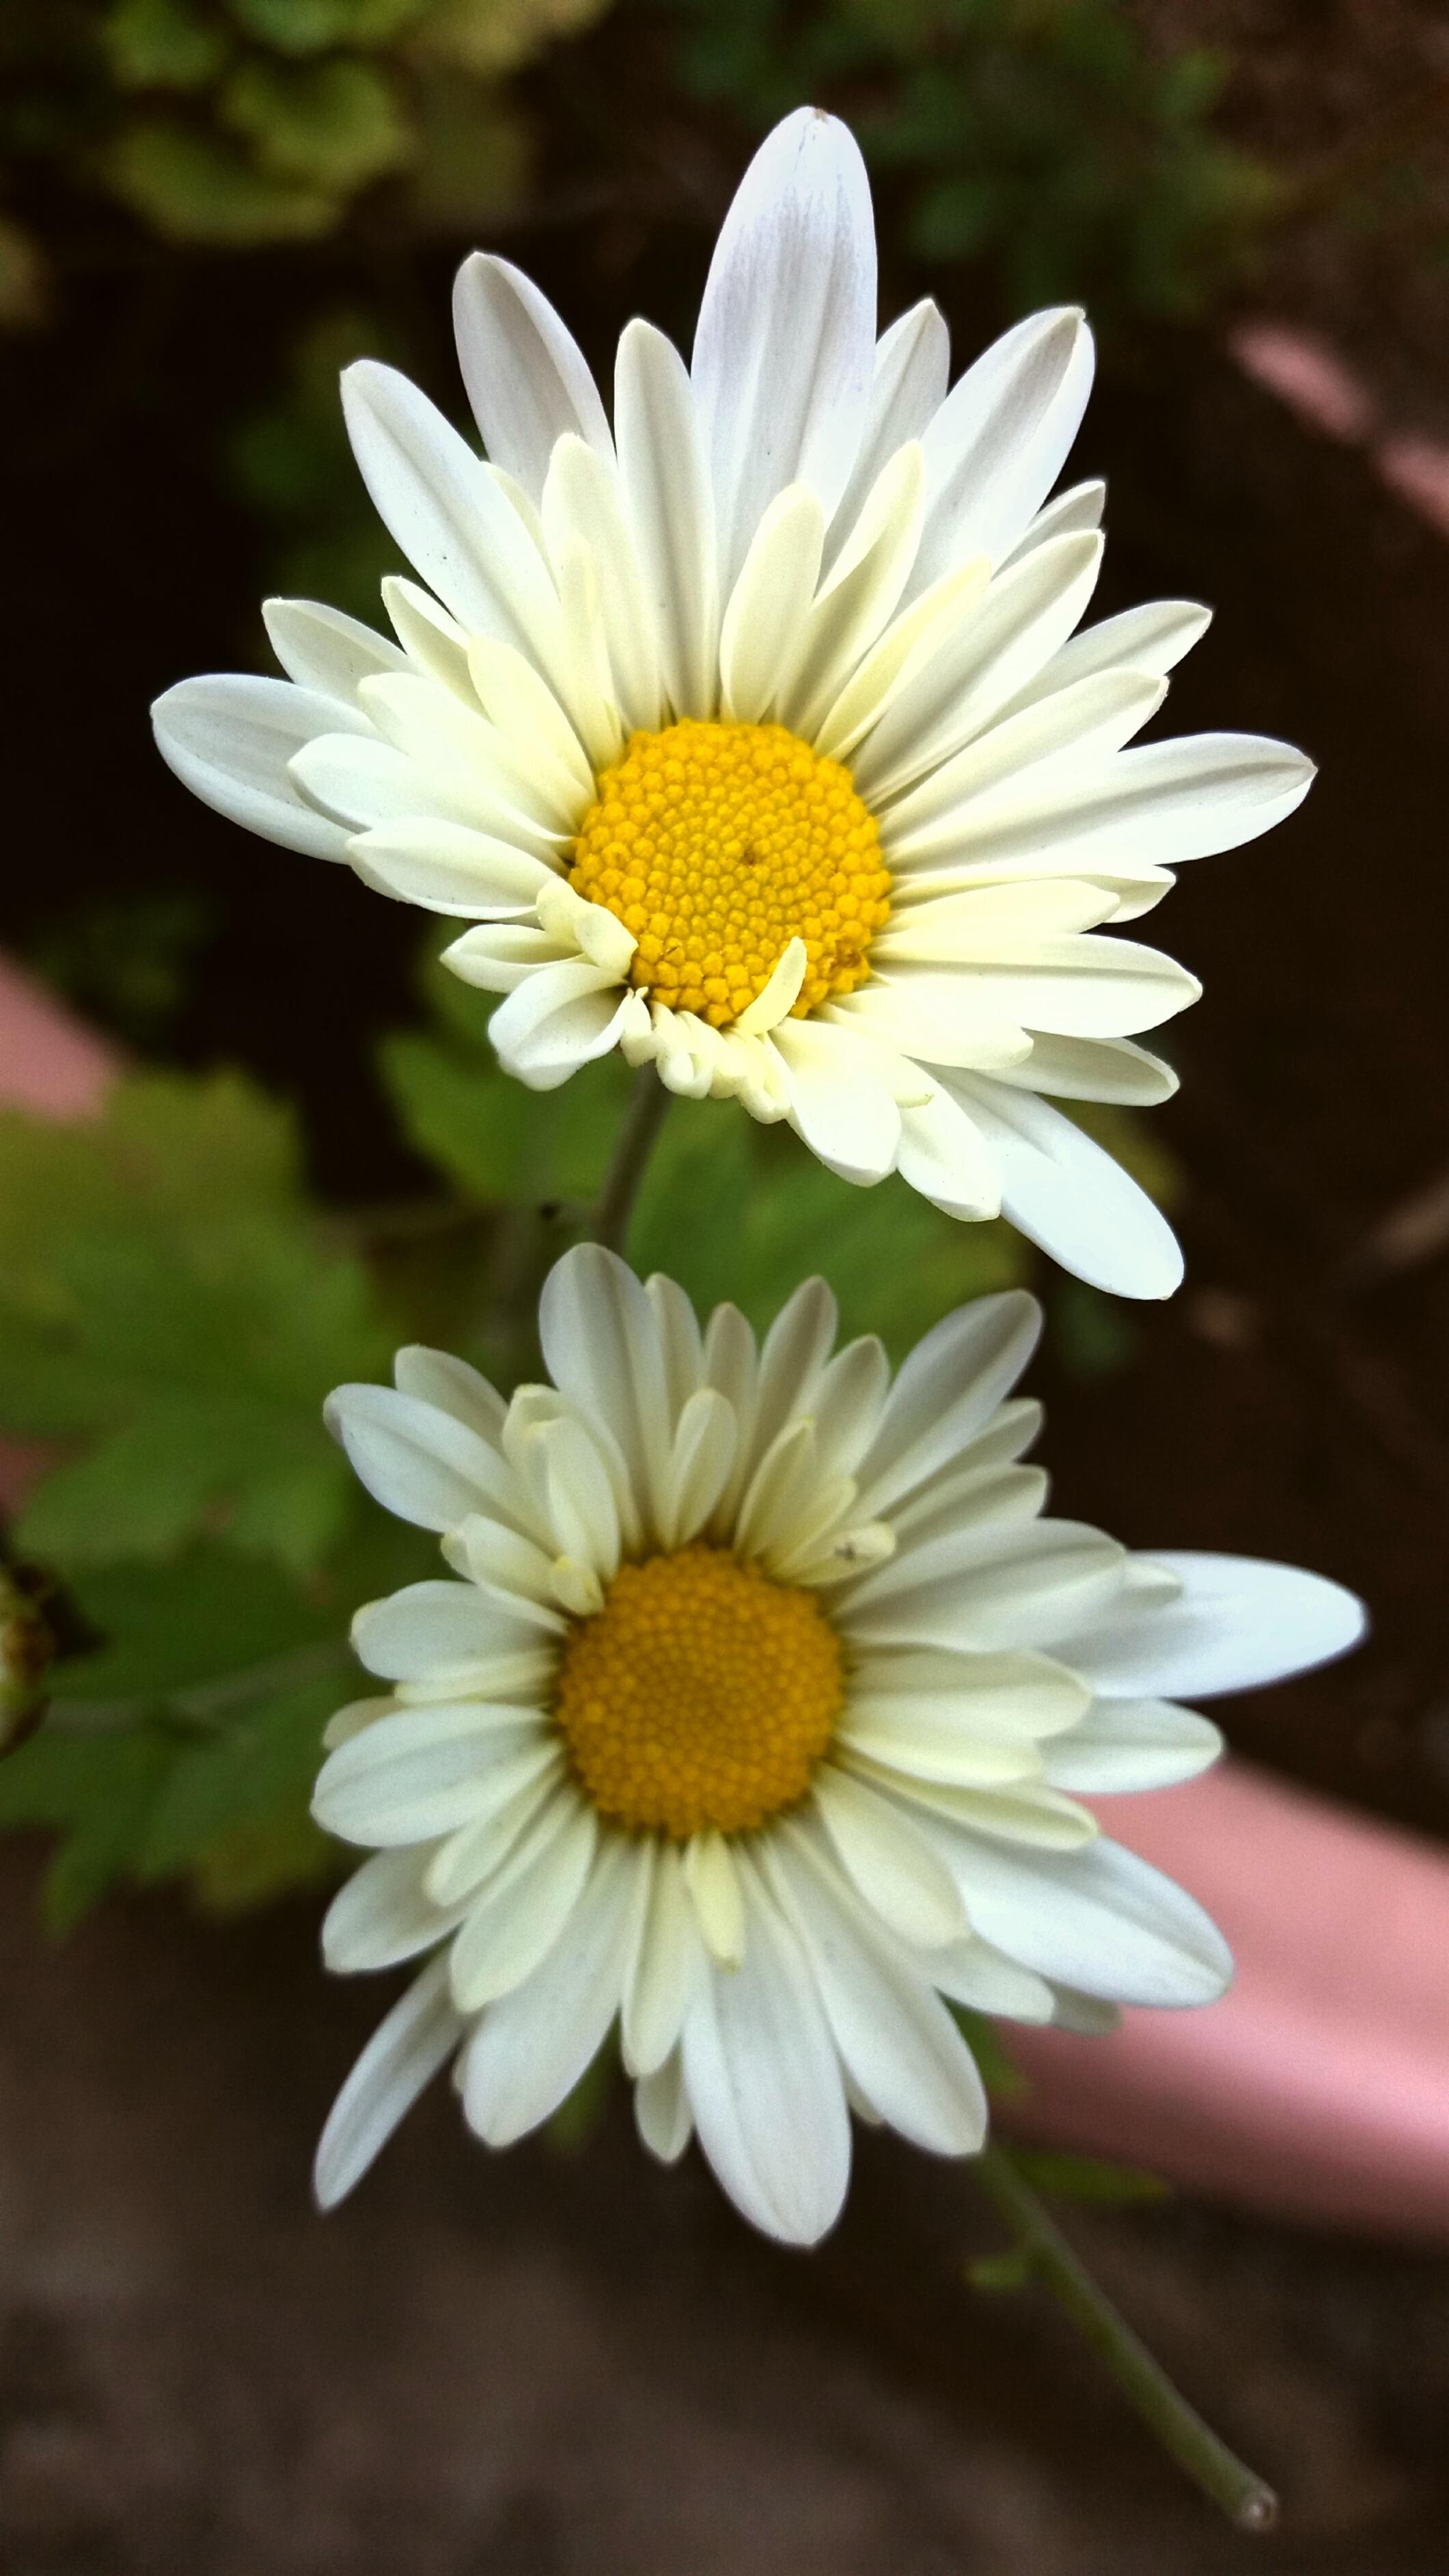 Images Gratuites Fleur Petale Botanique Jaune Flore Fleur